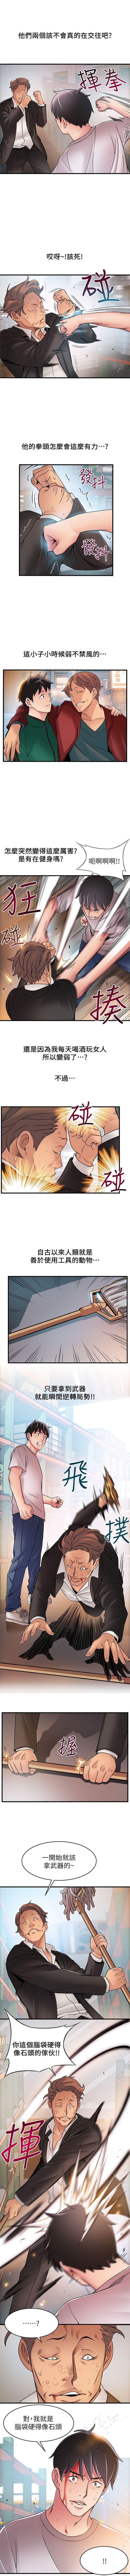 (週7)弱點 1-76 中文翻譯(更新中) 176